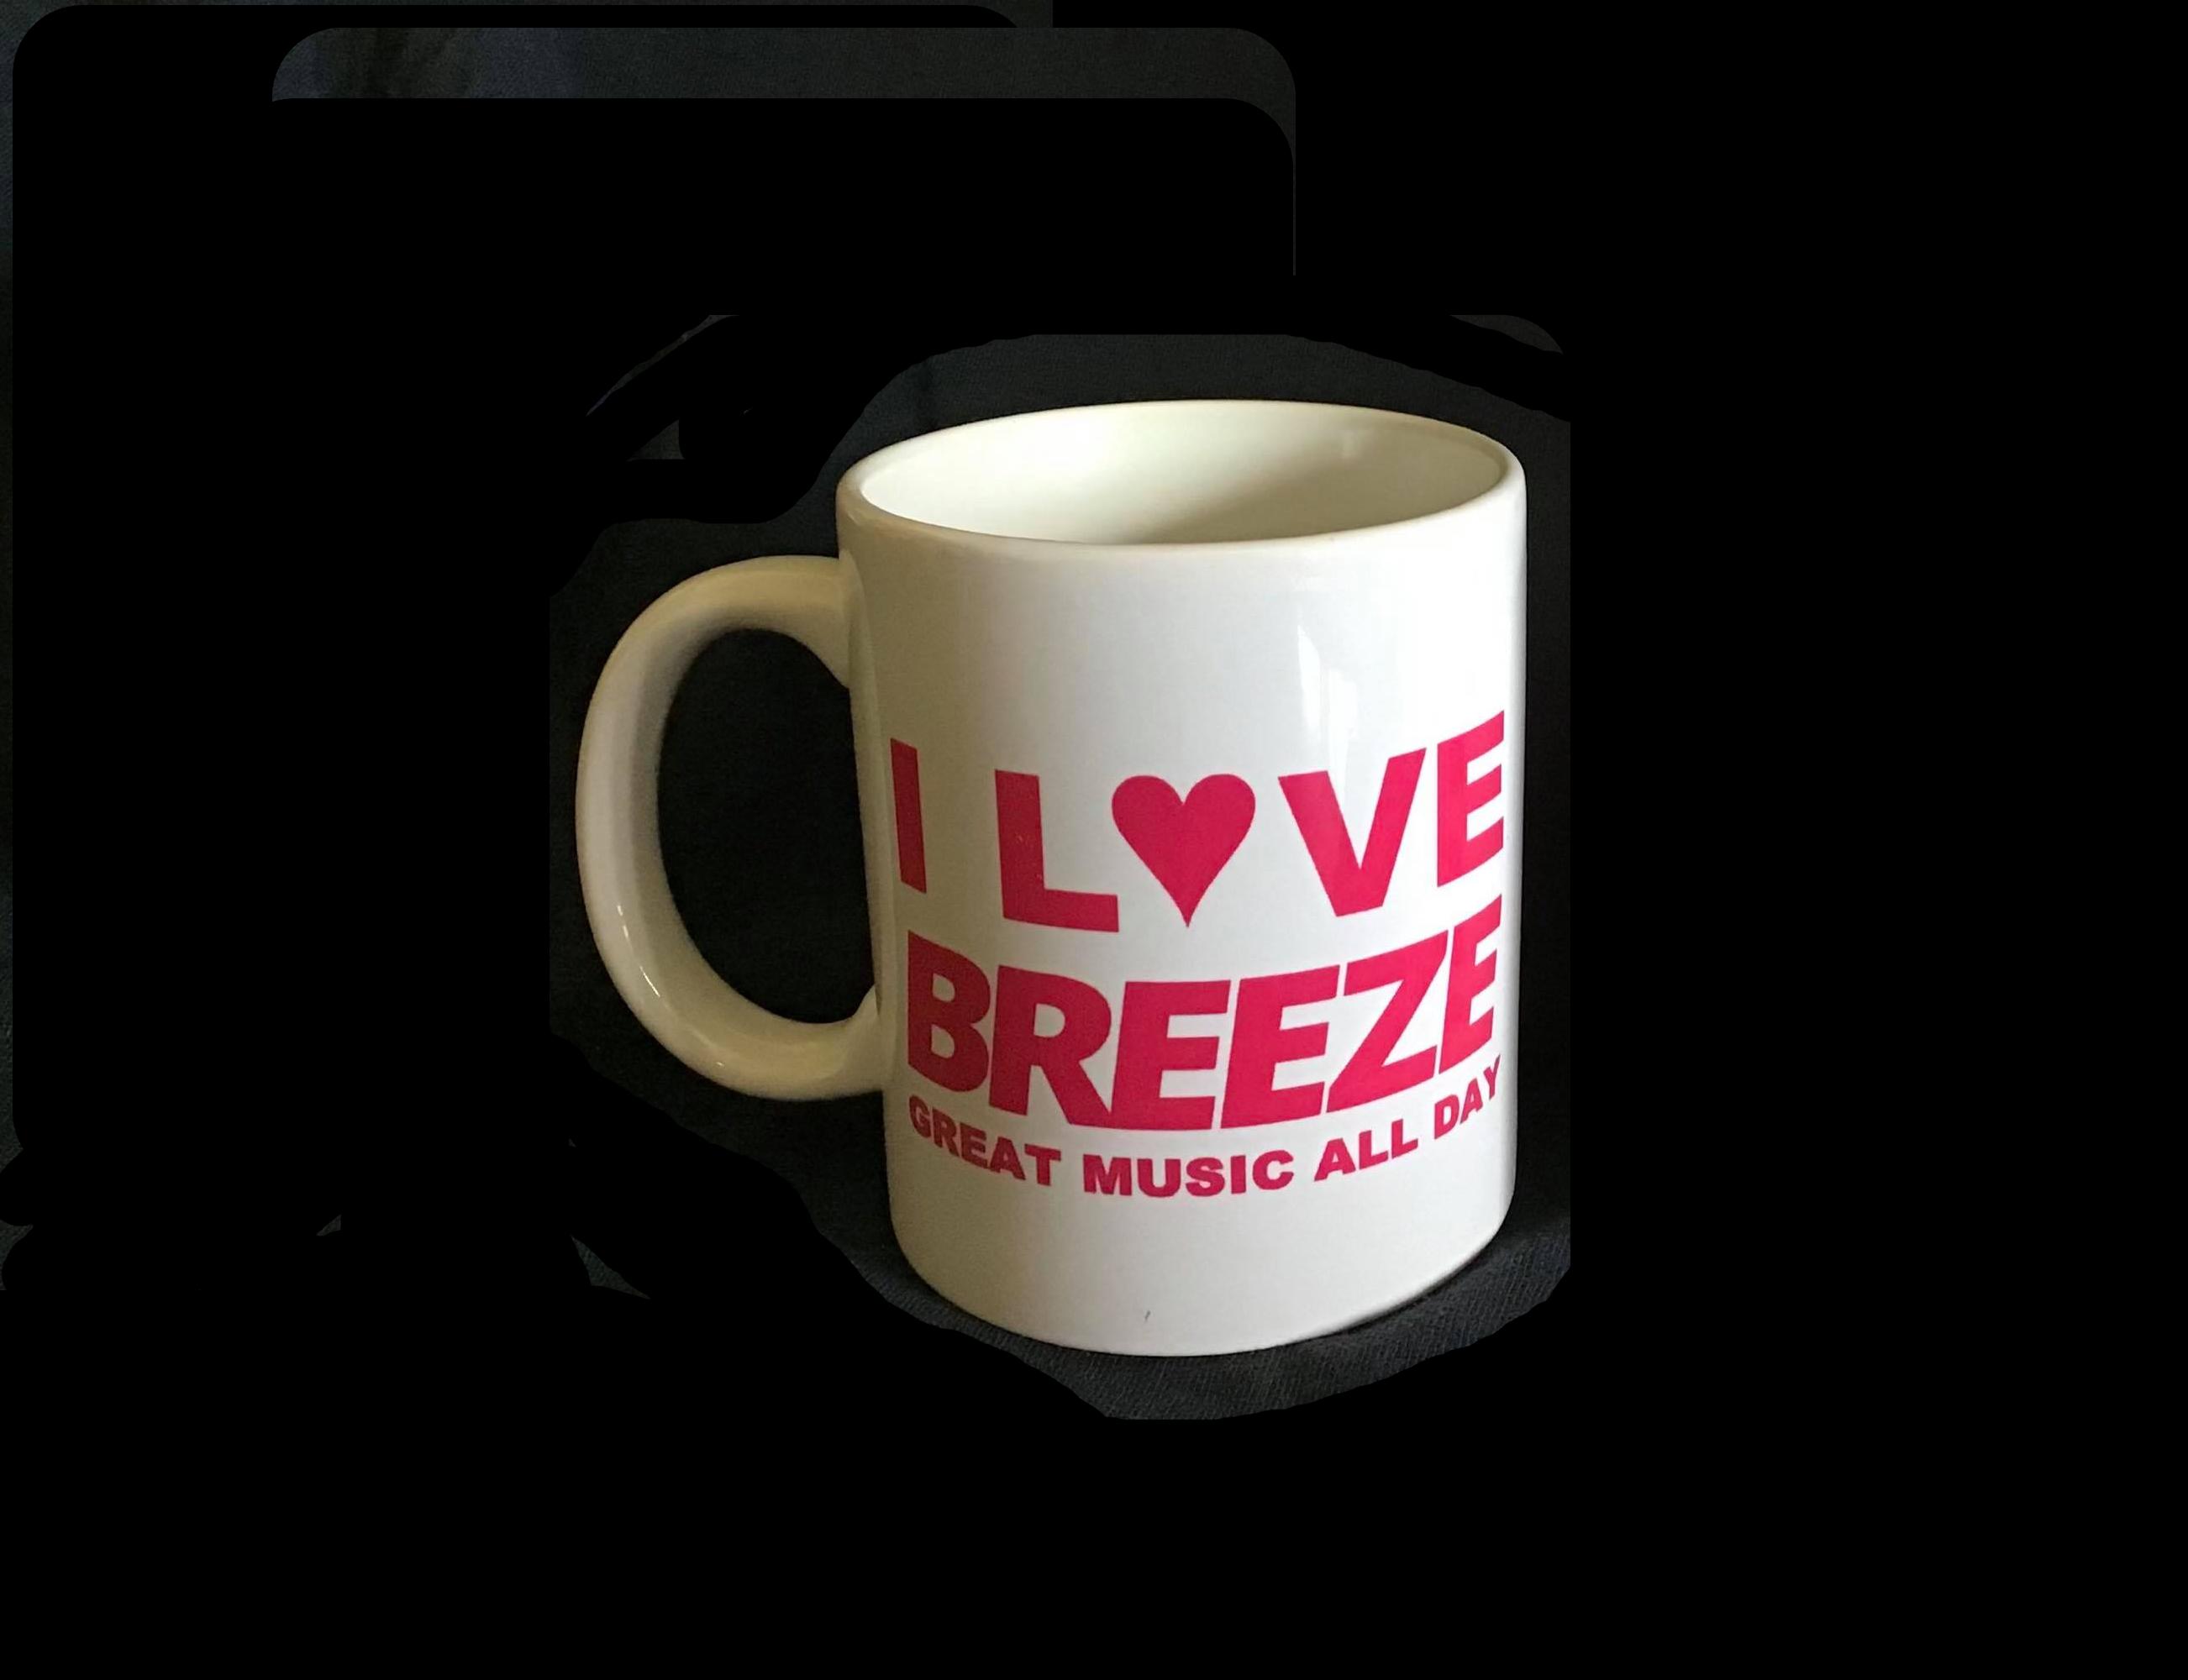 The Breeze Mug